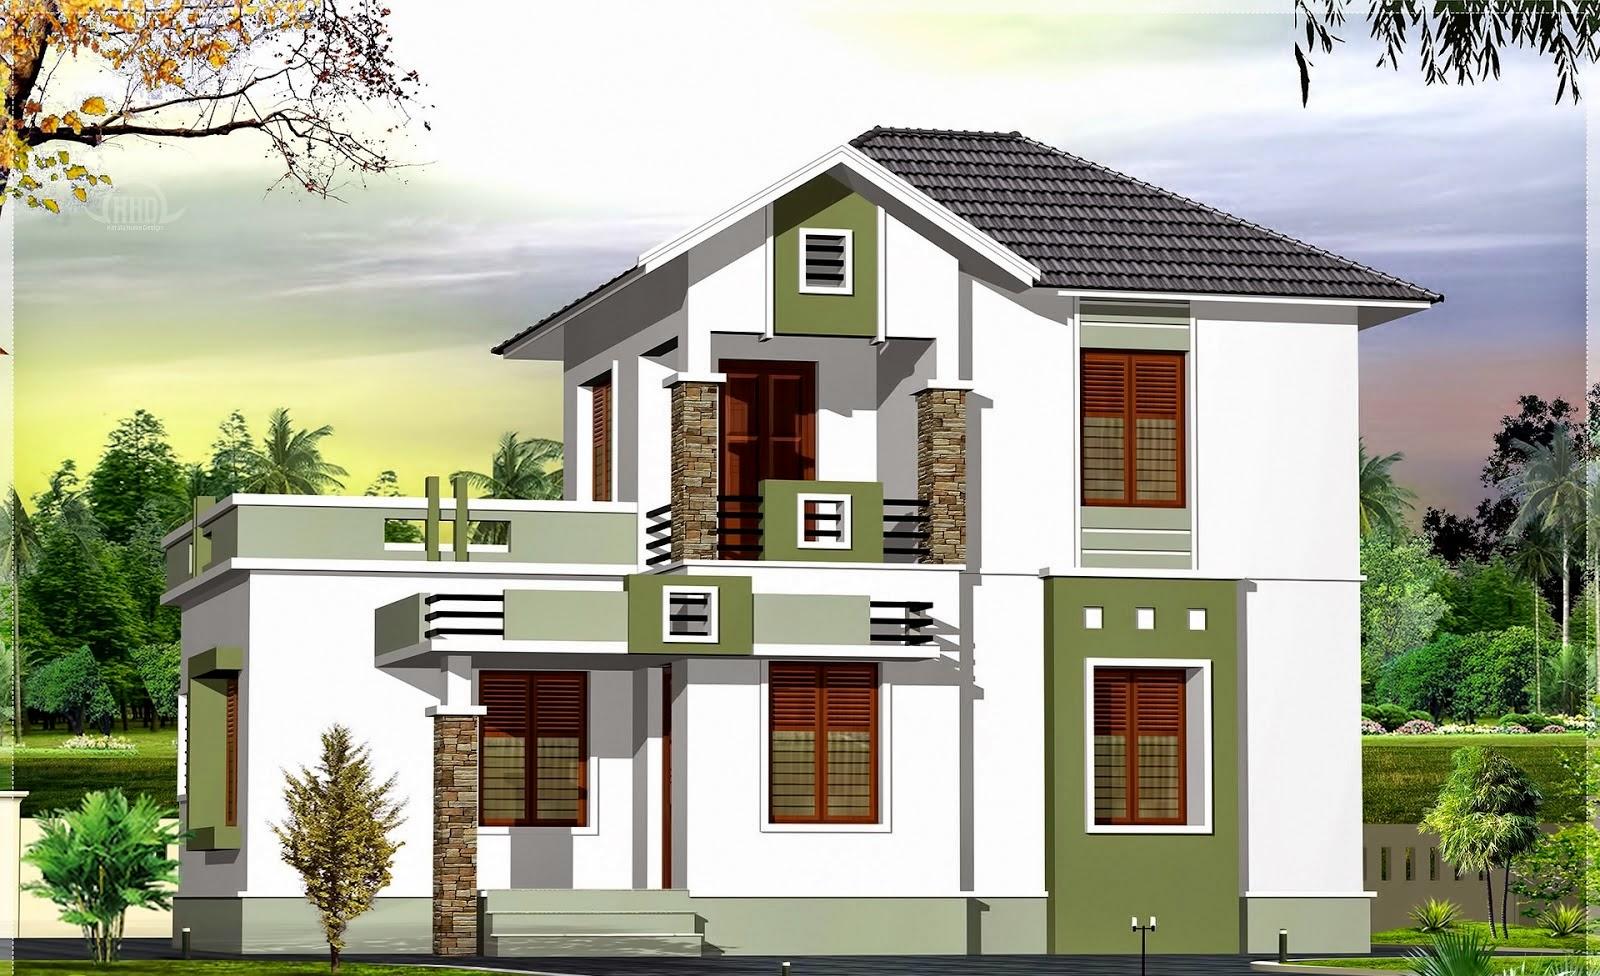 109 Gambar Rumah Minimalis 2 Lantai Bagian Belakang Gambar Desain Rumah Minimalis